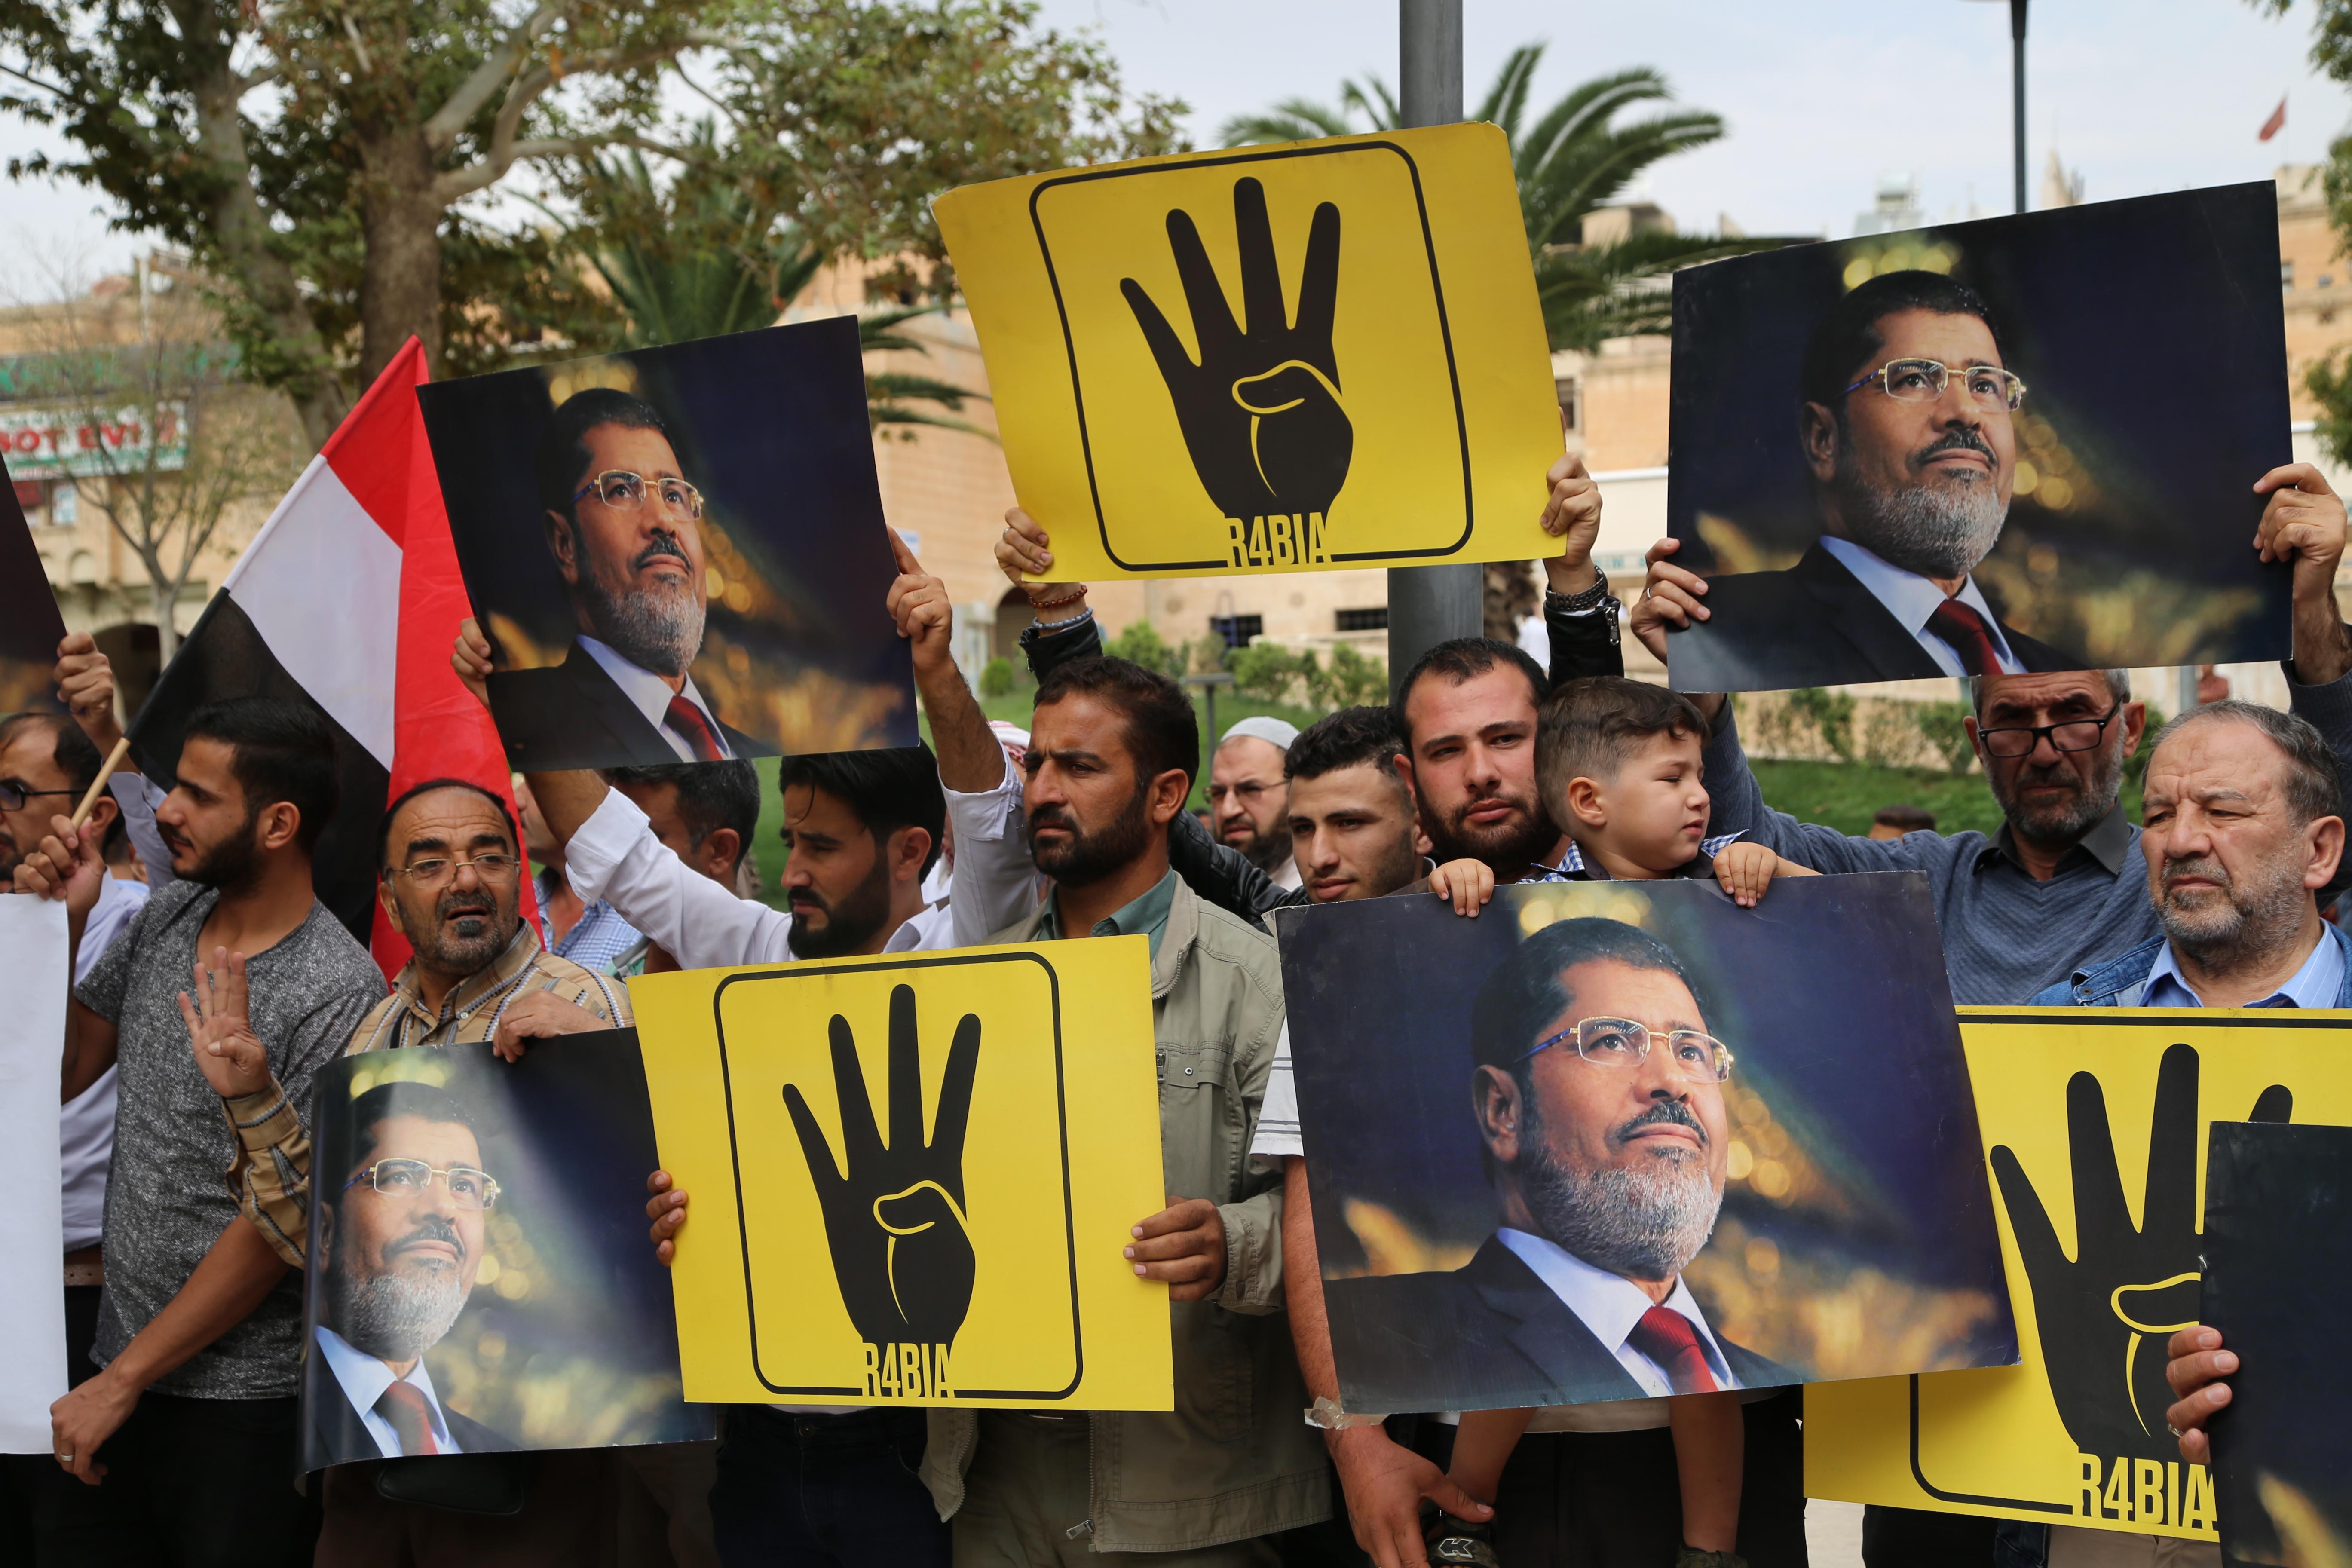 تركيا تعلّق على مزاعم استعدادها لترحيل أعضاء من  الإخوان المسلمين    ترك برس